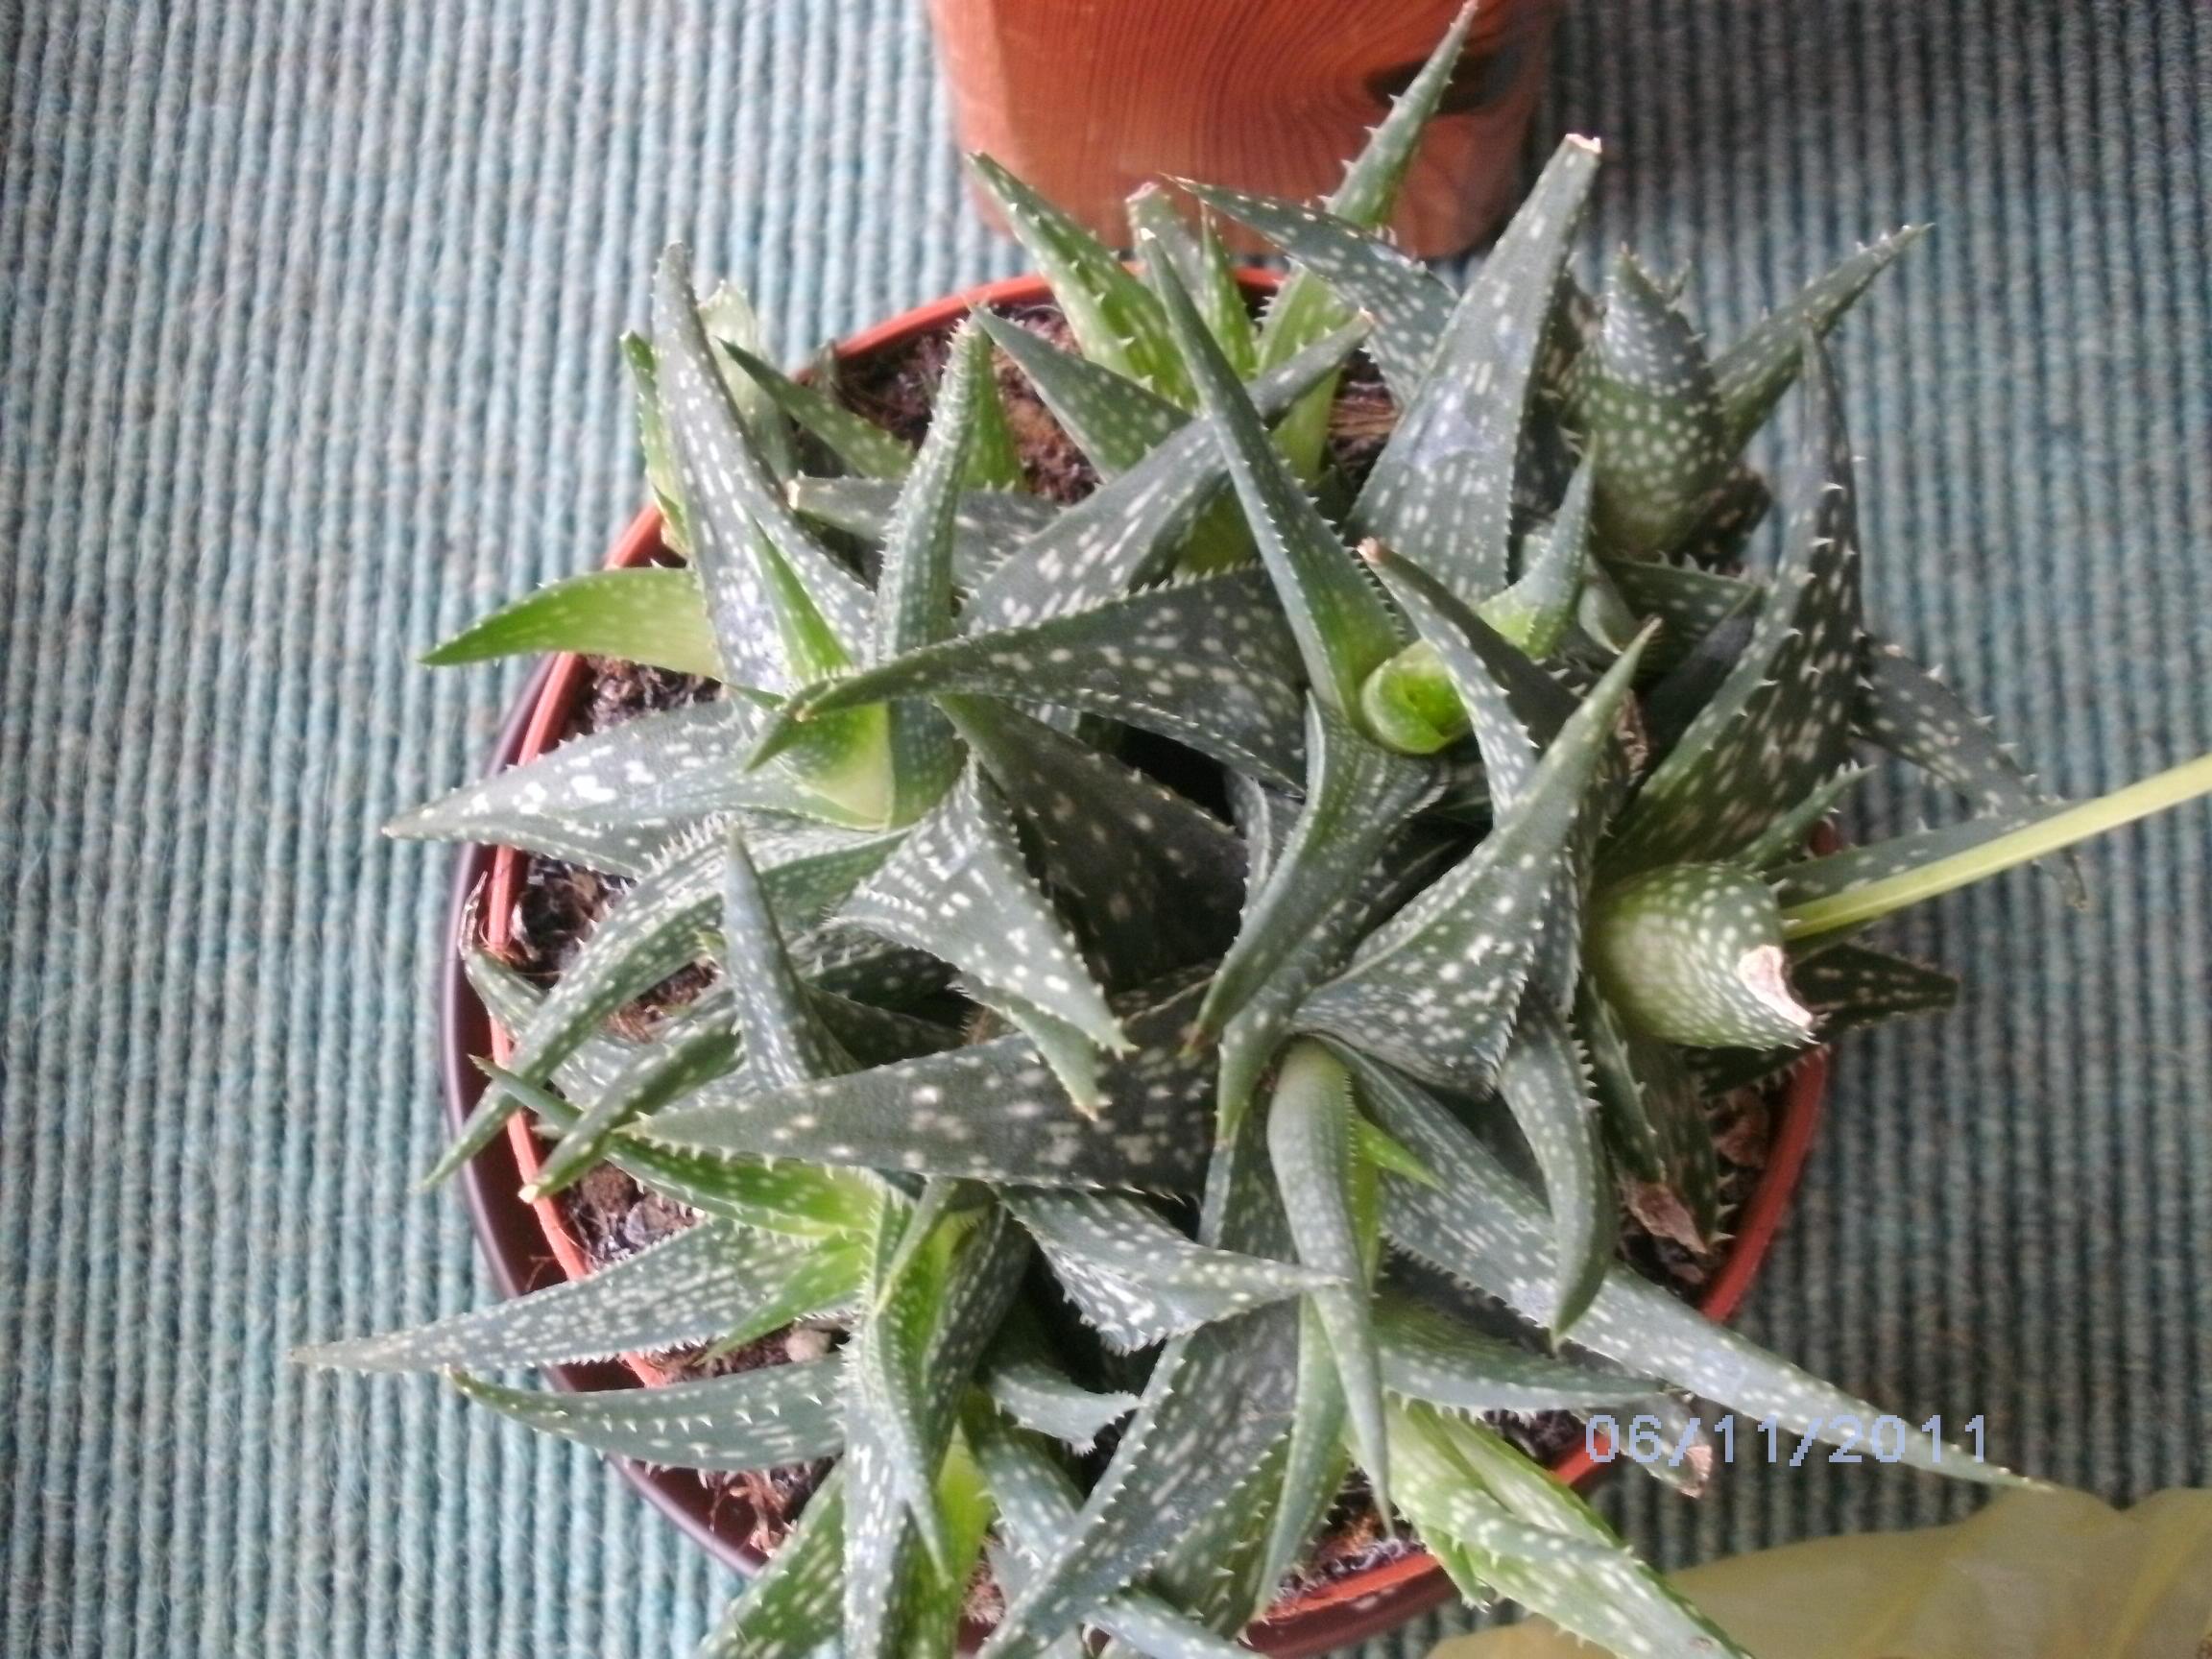 bestimmung von sukkulenten kakteen pflanzenbestimmung pflanzensuche green24 hilfe pflege. Black Bedroom Furniture Sets. Home Design Ideas